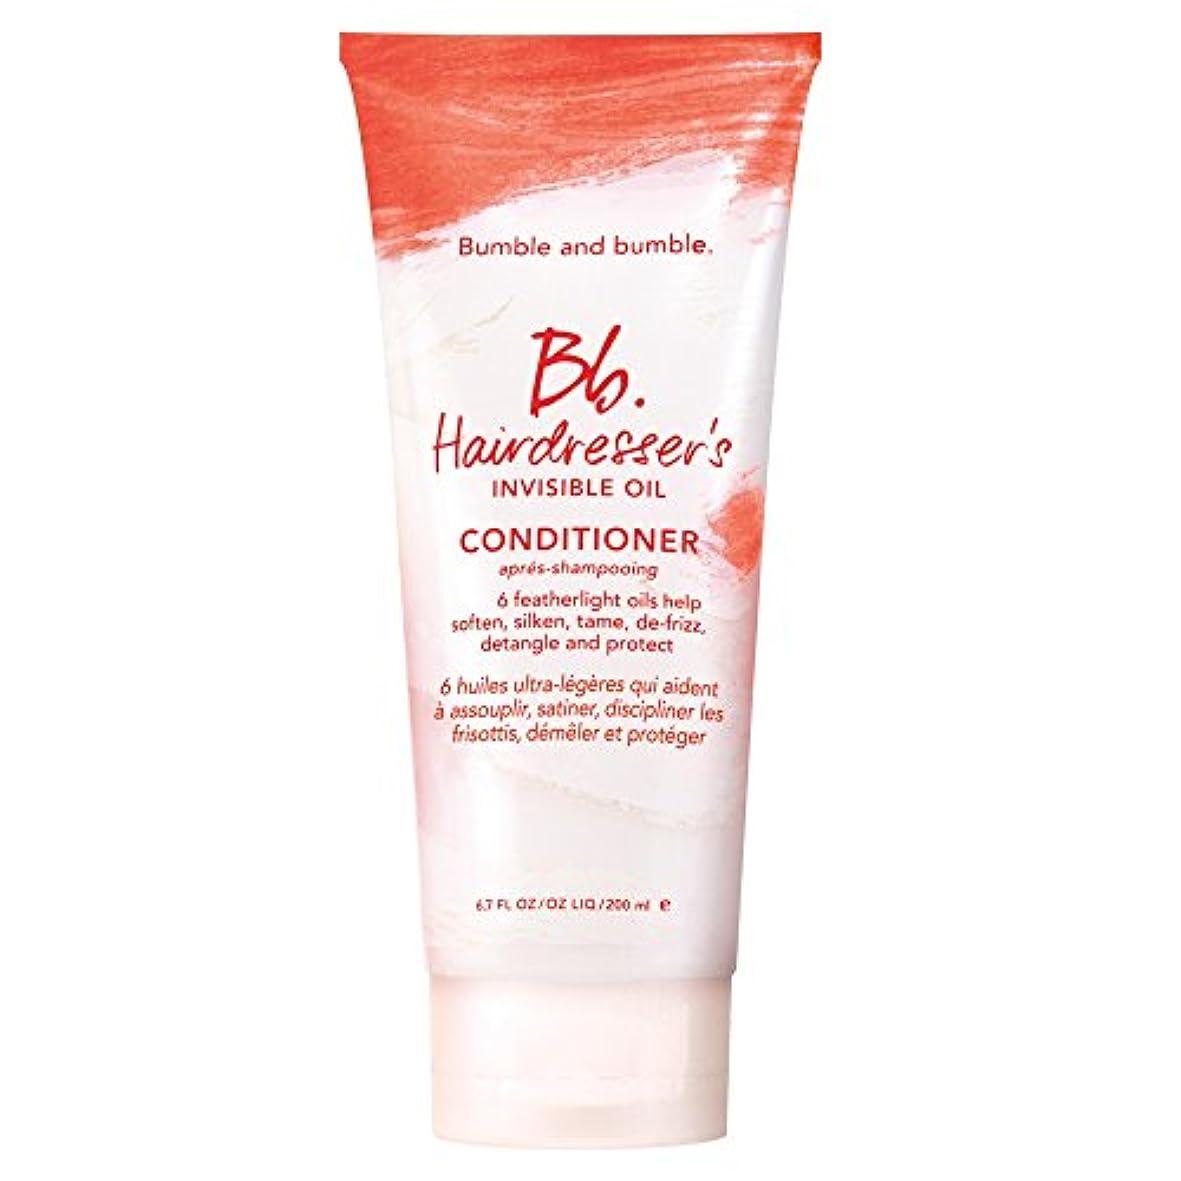 マージンパズル提案バンブルアンドバンブル美容見えないオイルコンディショナー200ミリリットル (Bumble and bumble) - Bumble and bumble Hairdressers invisible oil conditioner...